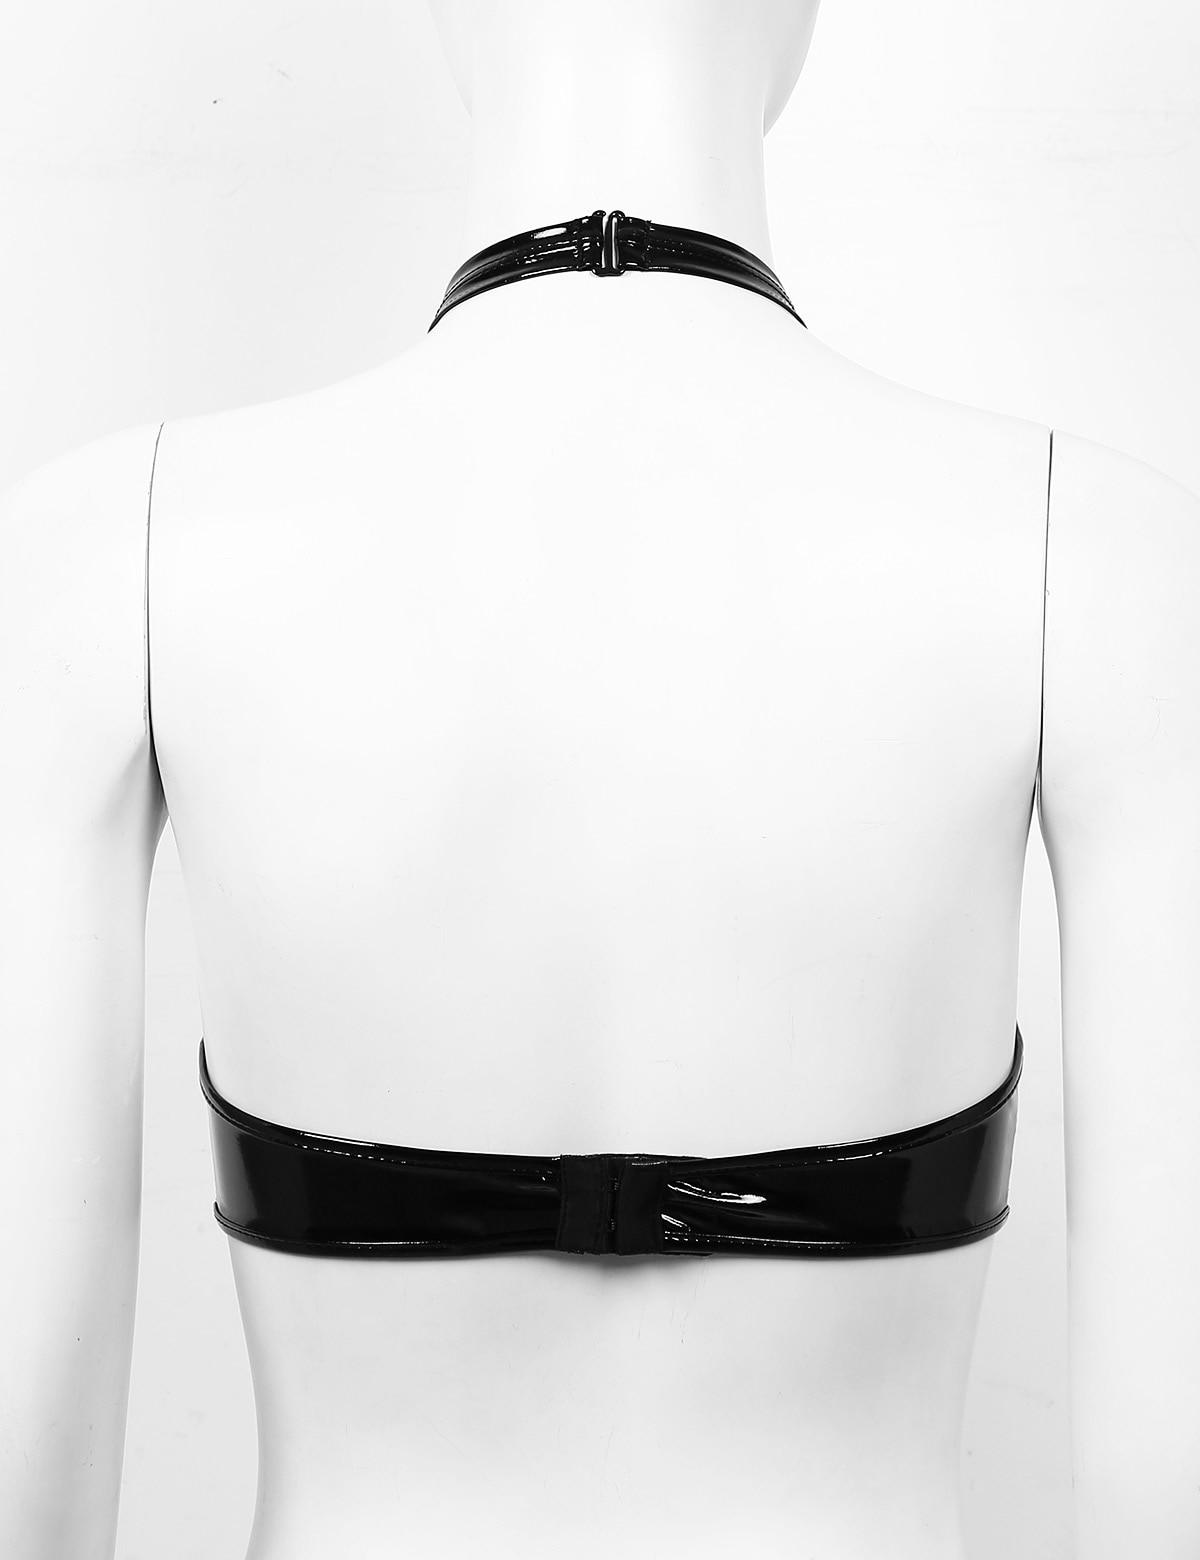 Sexy Lingerie Open Bra Bralette Harness Top Women's Latex Bra Halter Neck Wet Look Leather Backless Wire-free Shelf Bra Clubwear